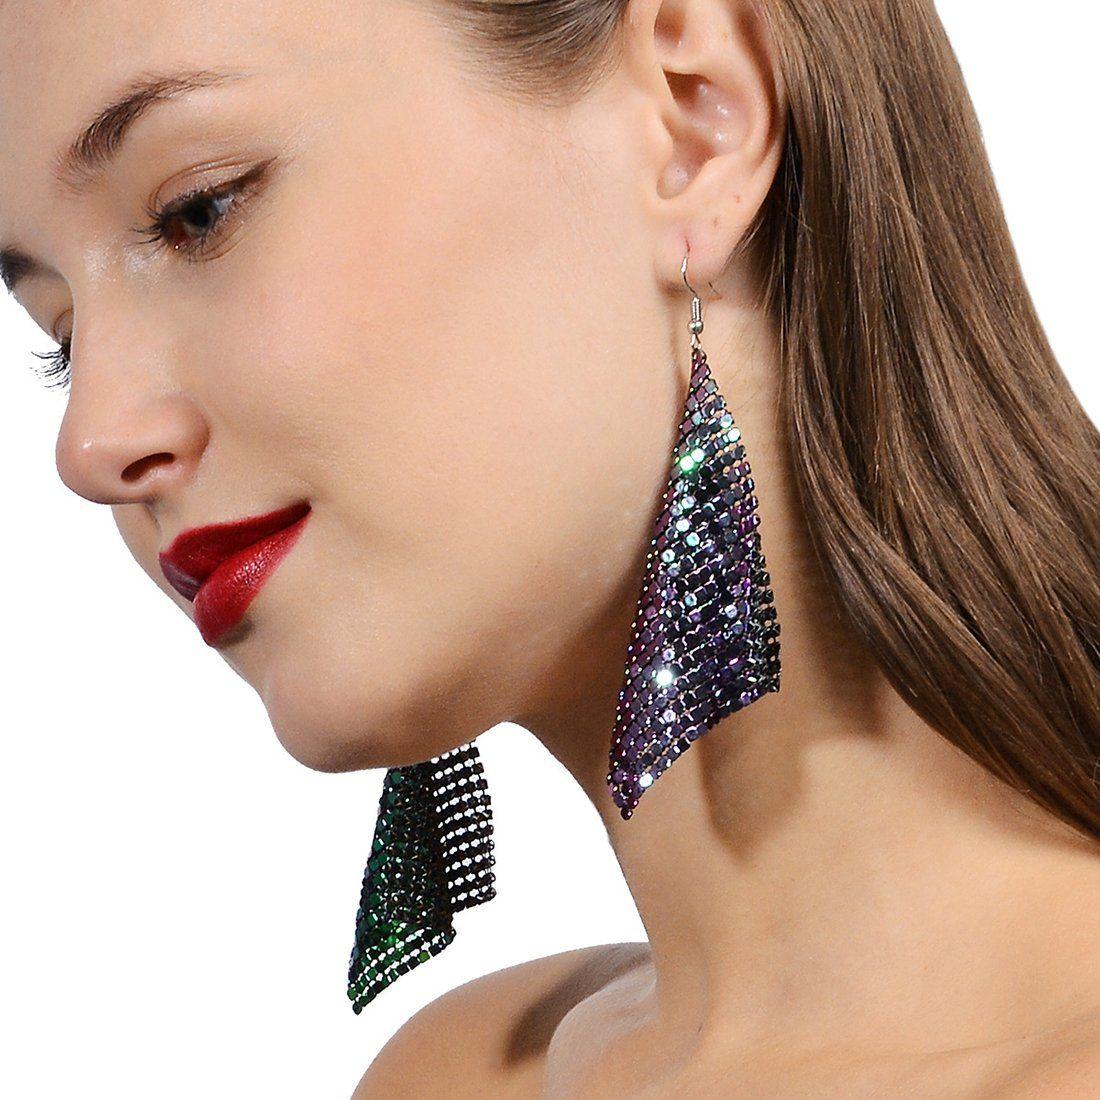 Sequin Mesh Tassel Dangle Earrings Fashion jewelry For Women Girls